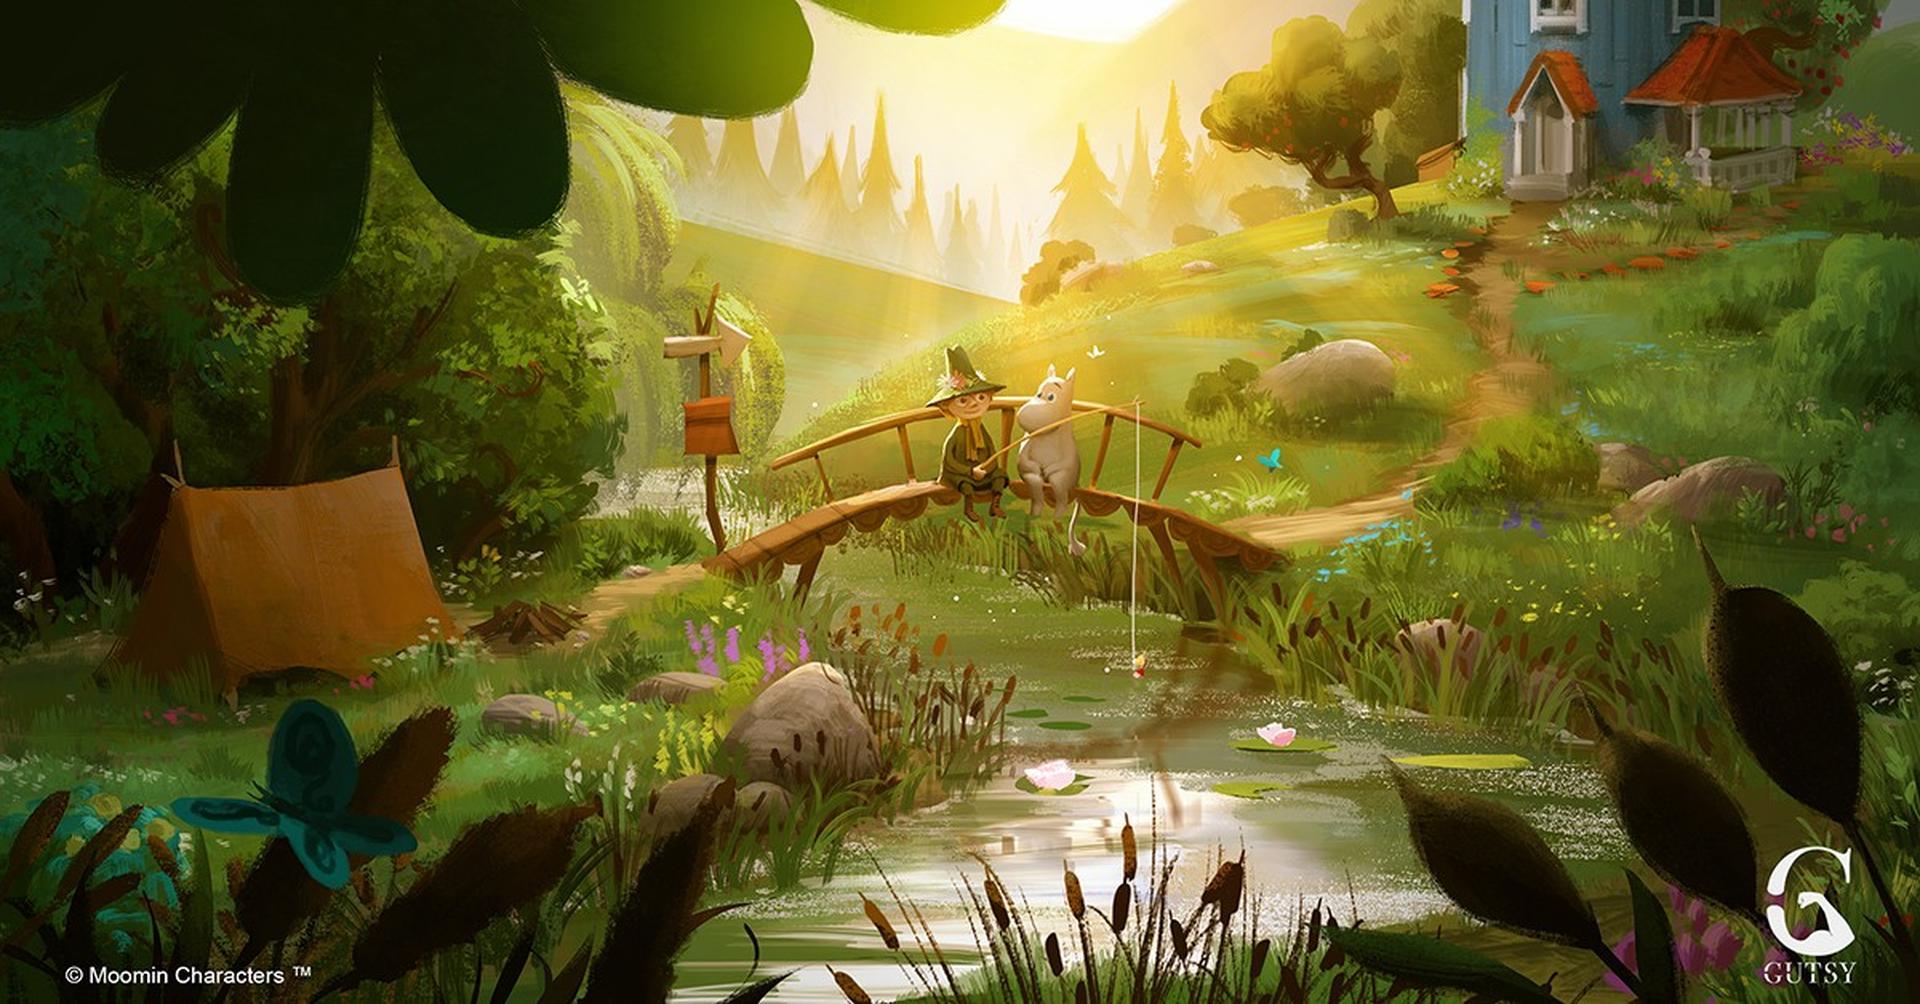 """מתוך הסדרה """"עמק המומונים"""". באדיבות פסטיבל אנימיקס"""